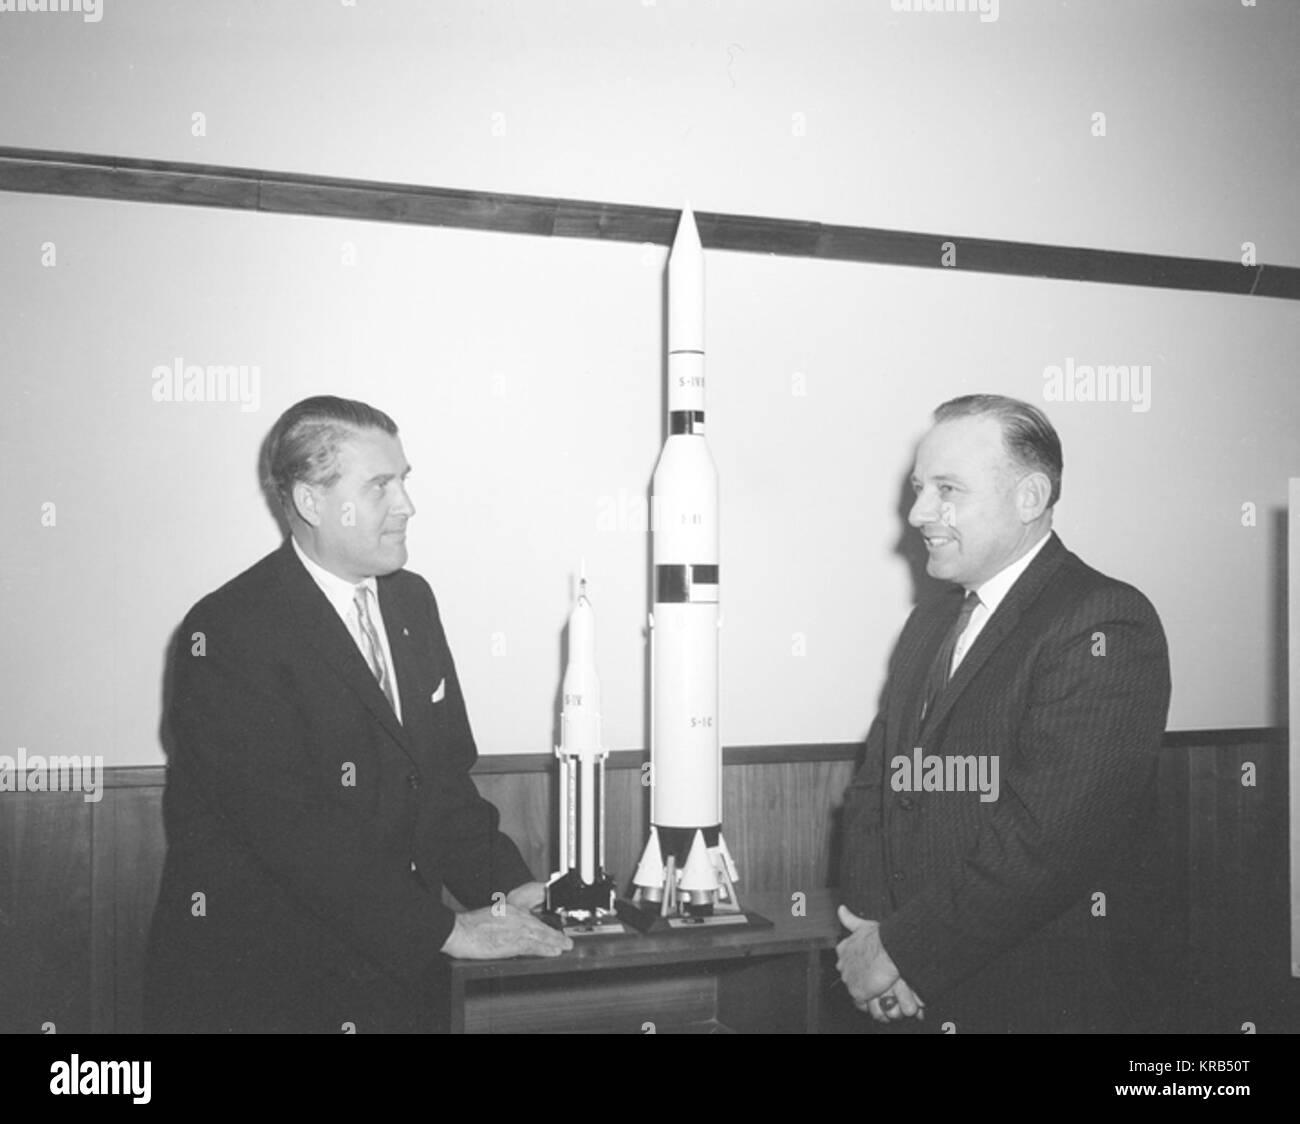 Die MITGLIEDER DES AUSSCHUSSES FÜR WISSENSCHAFT UND RAUMFAHRT BESUCHT DAS Marshall Space Flight Center (LINKS) AM 9. MÄRZ 1962 ZU SAMMELN, INFORMATIONEN AUS ERSTER HAND VON DER NATION SPACE EXPLORATION PROGRAMM. Die Gruppe SETZTE SICH AUS MITGLIEDERN DES UNTERAUSSCHUSSES der bemannten Raumfahrt. Die SUBCOMITTEE WURDE ÜBER DIE LINKS der bemannten Raumfahrt BEMÜHUNGEN FRÜH AM TAG UND DANN INSPIZIERT MOCKUPS DER SATURN I WORKSHOP UND DIE APOLLO TELESKOPMONTIERUNG, TW PROJEKTE ENTWICKELT, DIE VON LINKS FÜR DIE POST - APOLLO PROGRAMM. Auf diesem Foto, links Direktor, Dr. Wernher von Braun und JO WAGONER, demokratischen Stockfoto